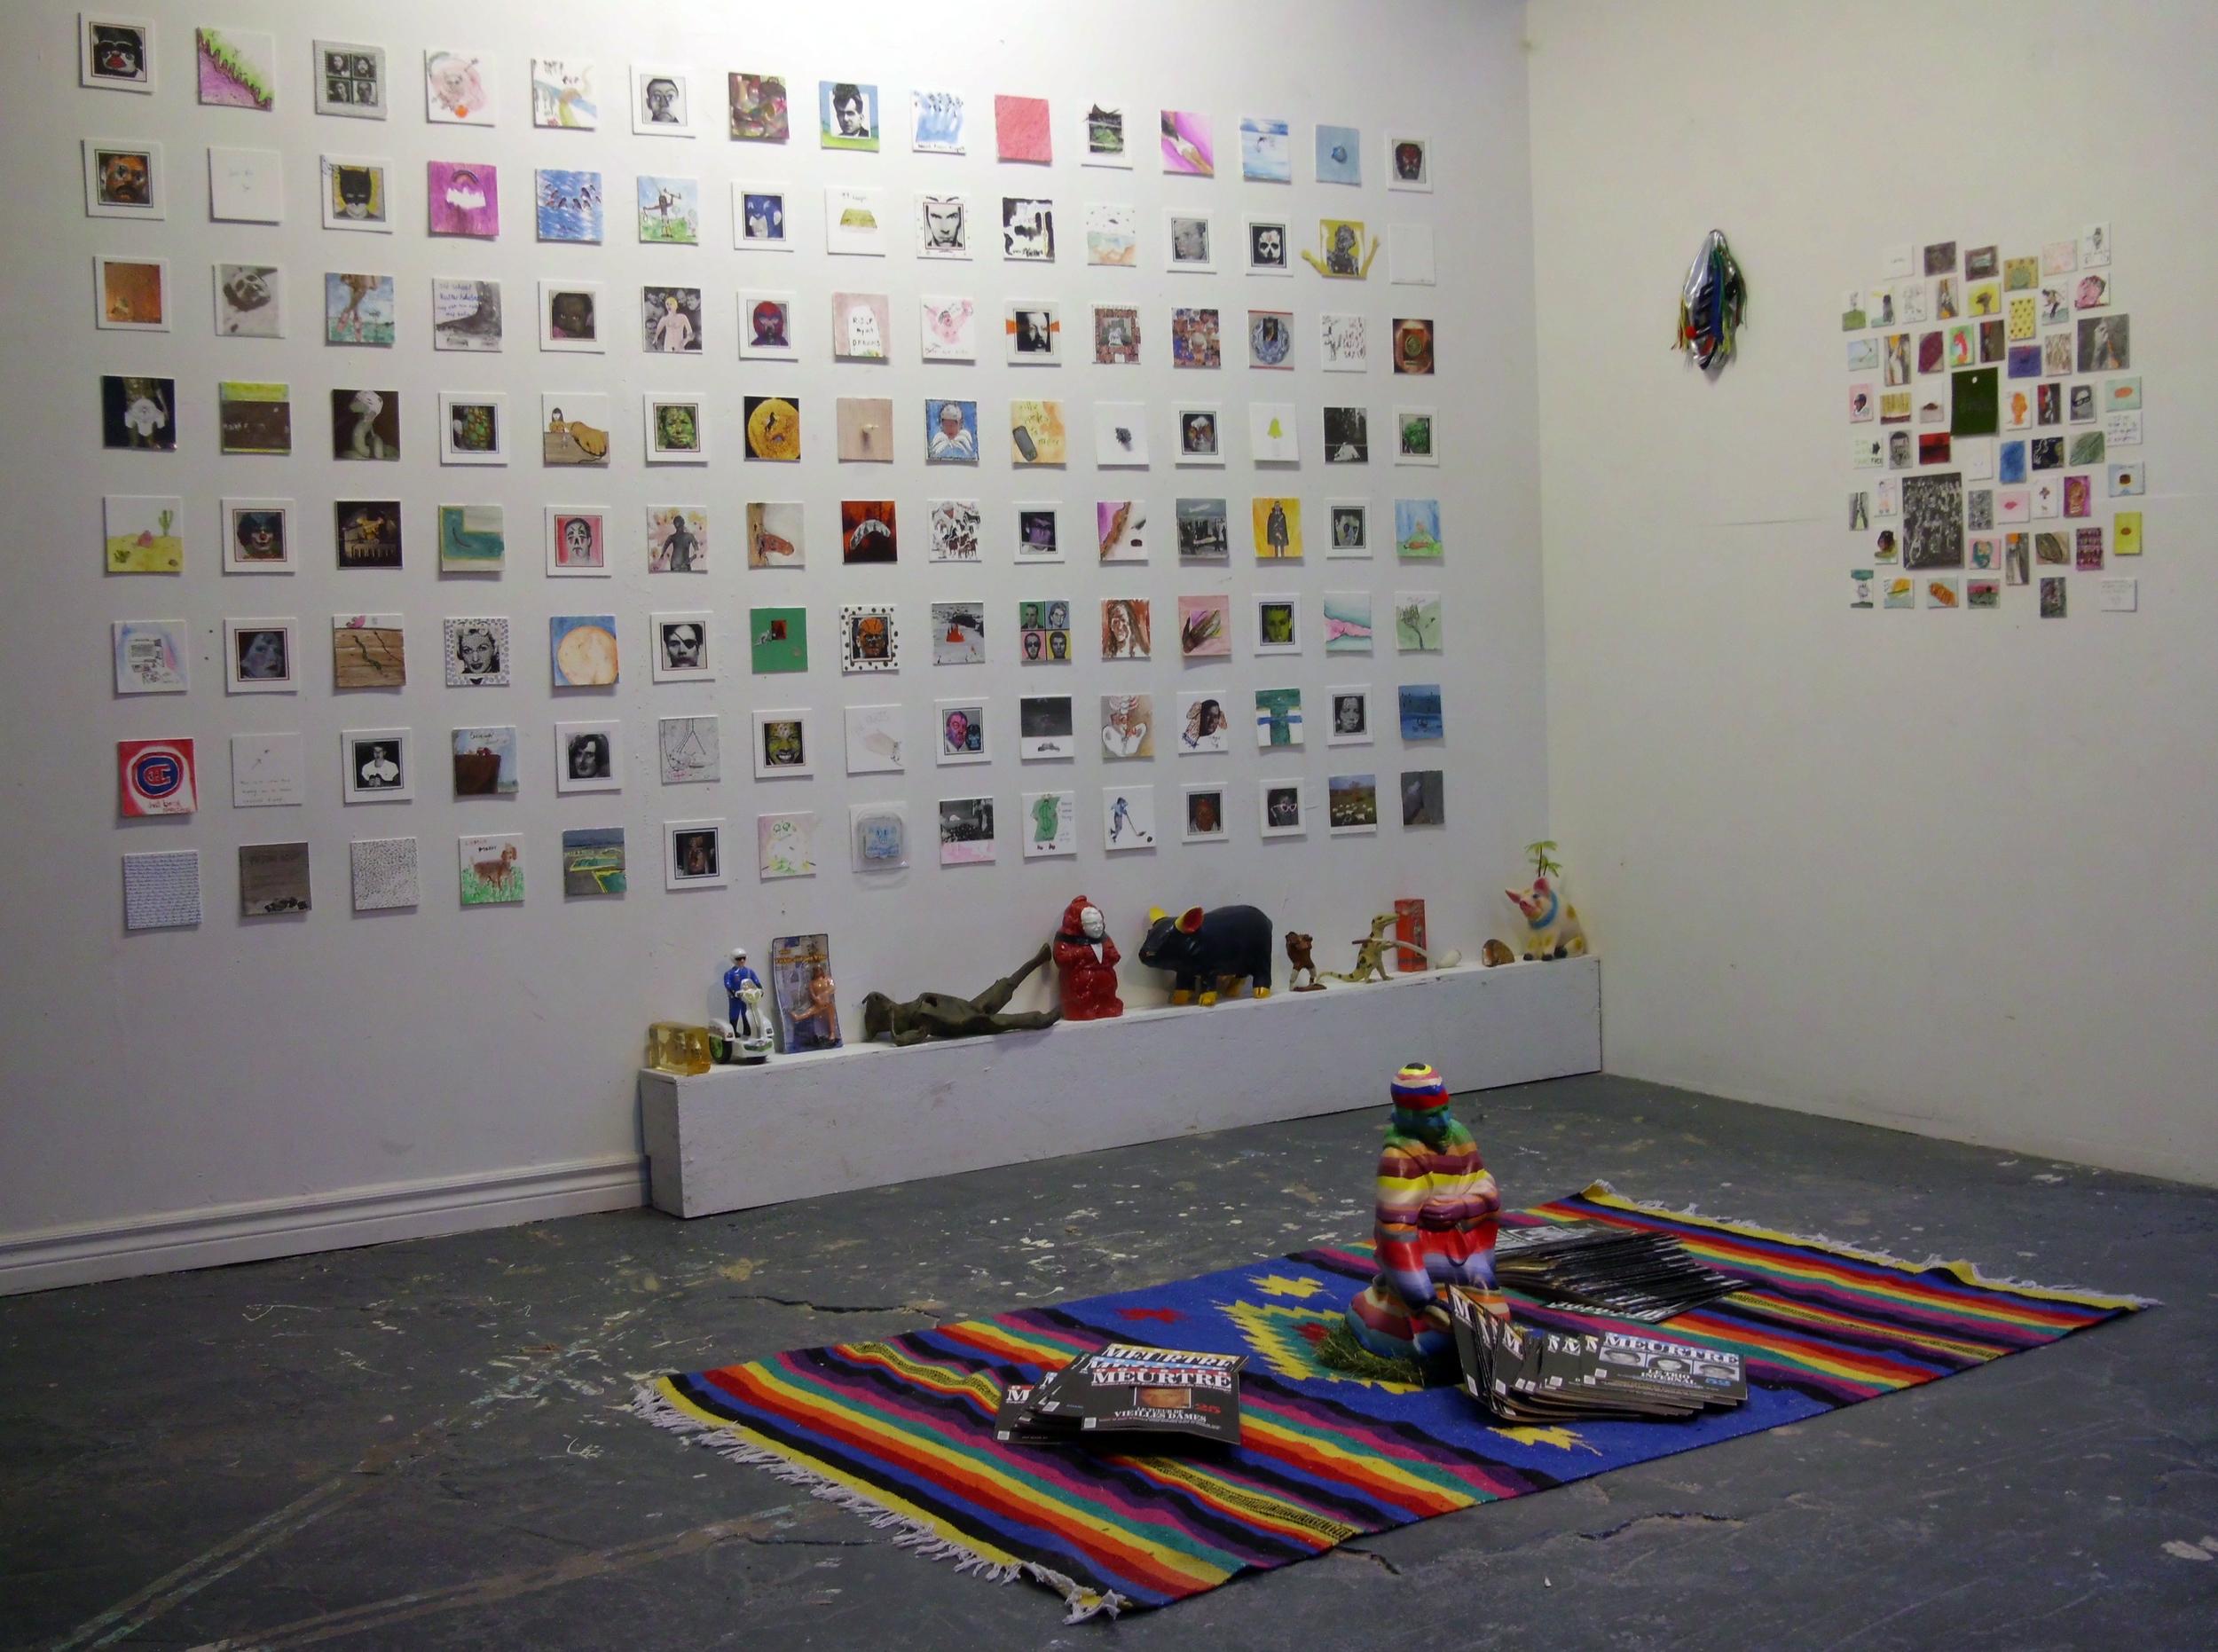 Décembre 2015, FAT Gallery, Montréal, en collaboration avec David Bellemare